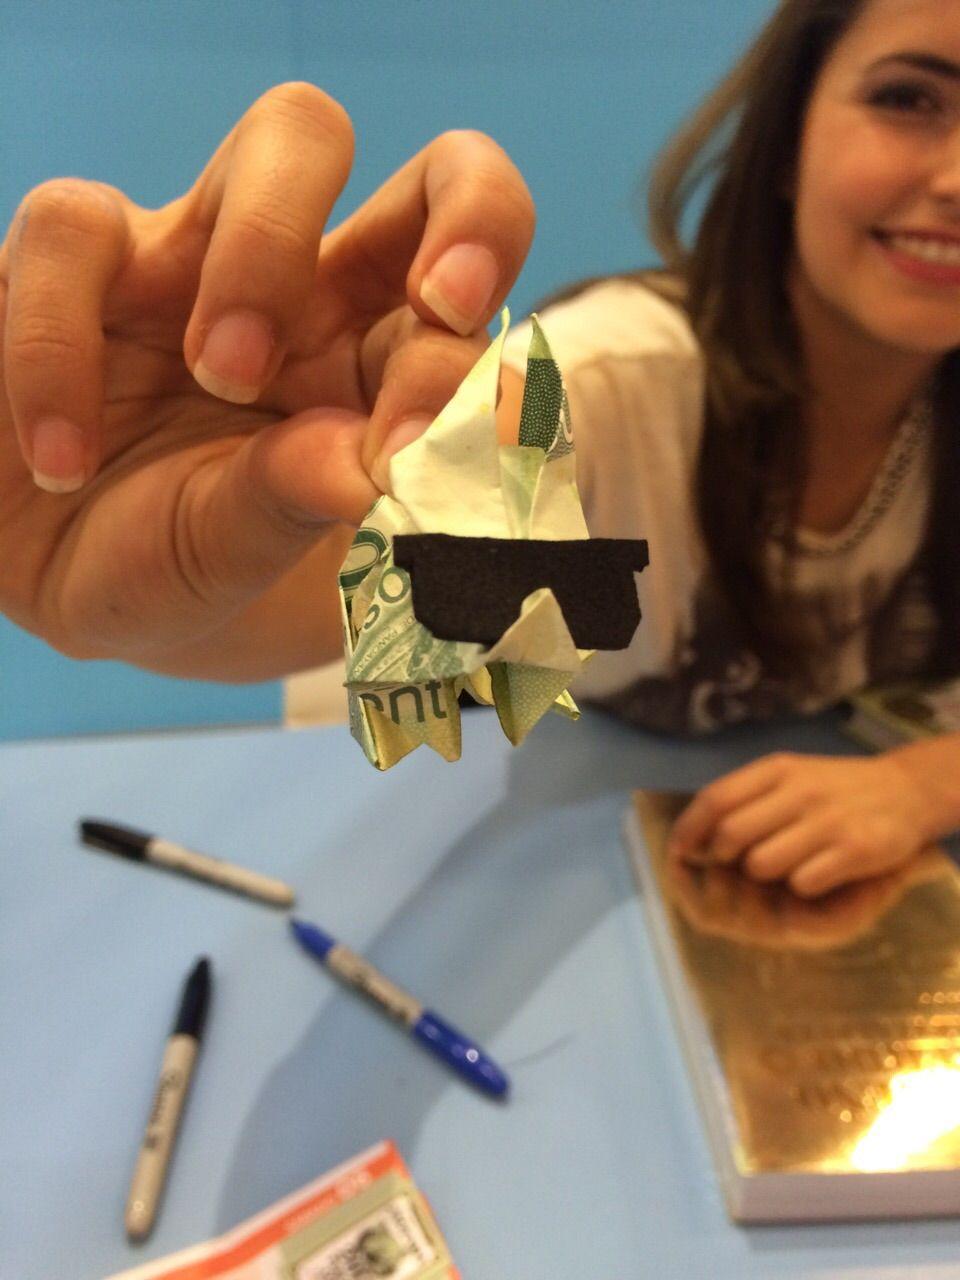 Un Pequeño Cerdo Capitalista de origami en un billete de 200 - Feria del Libro de Guadalajara 2014